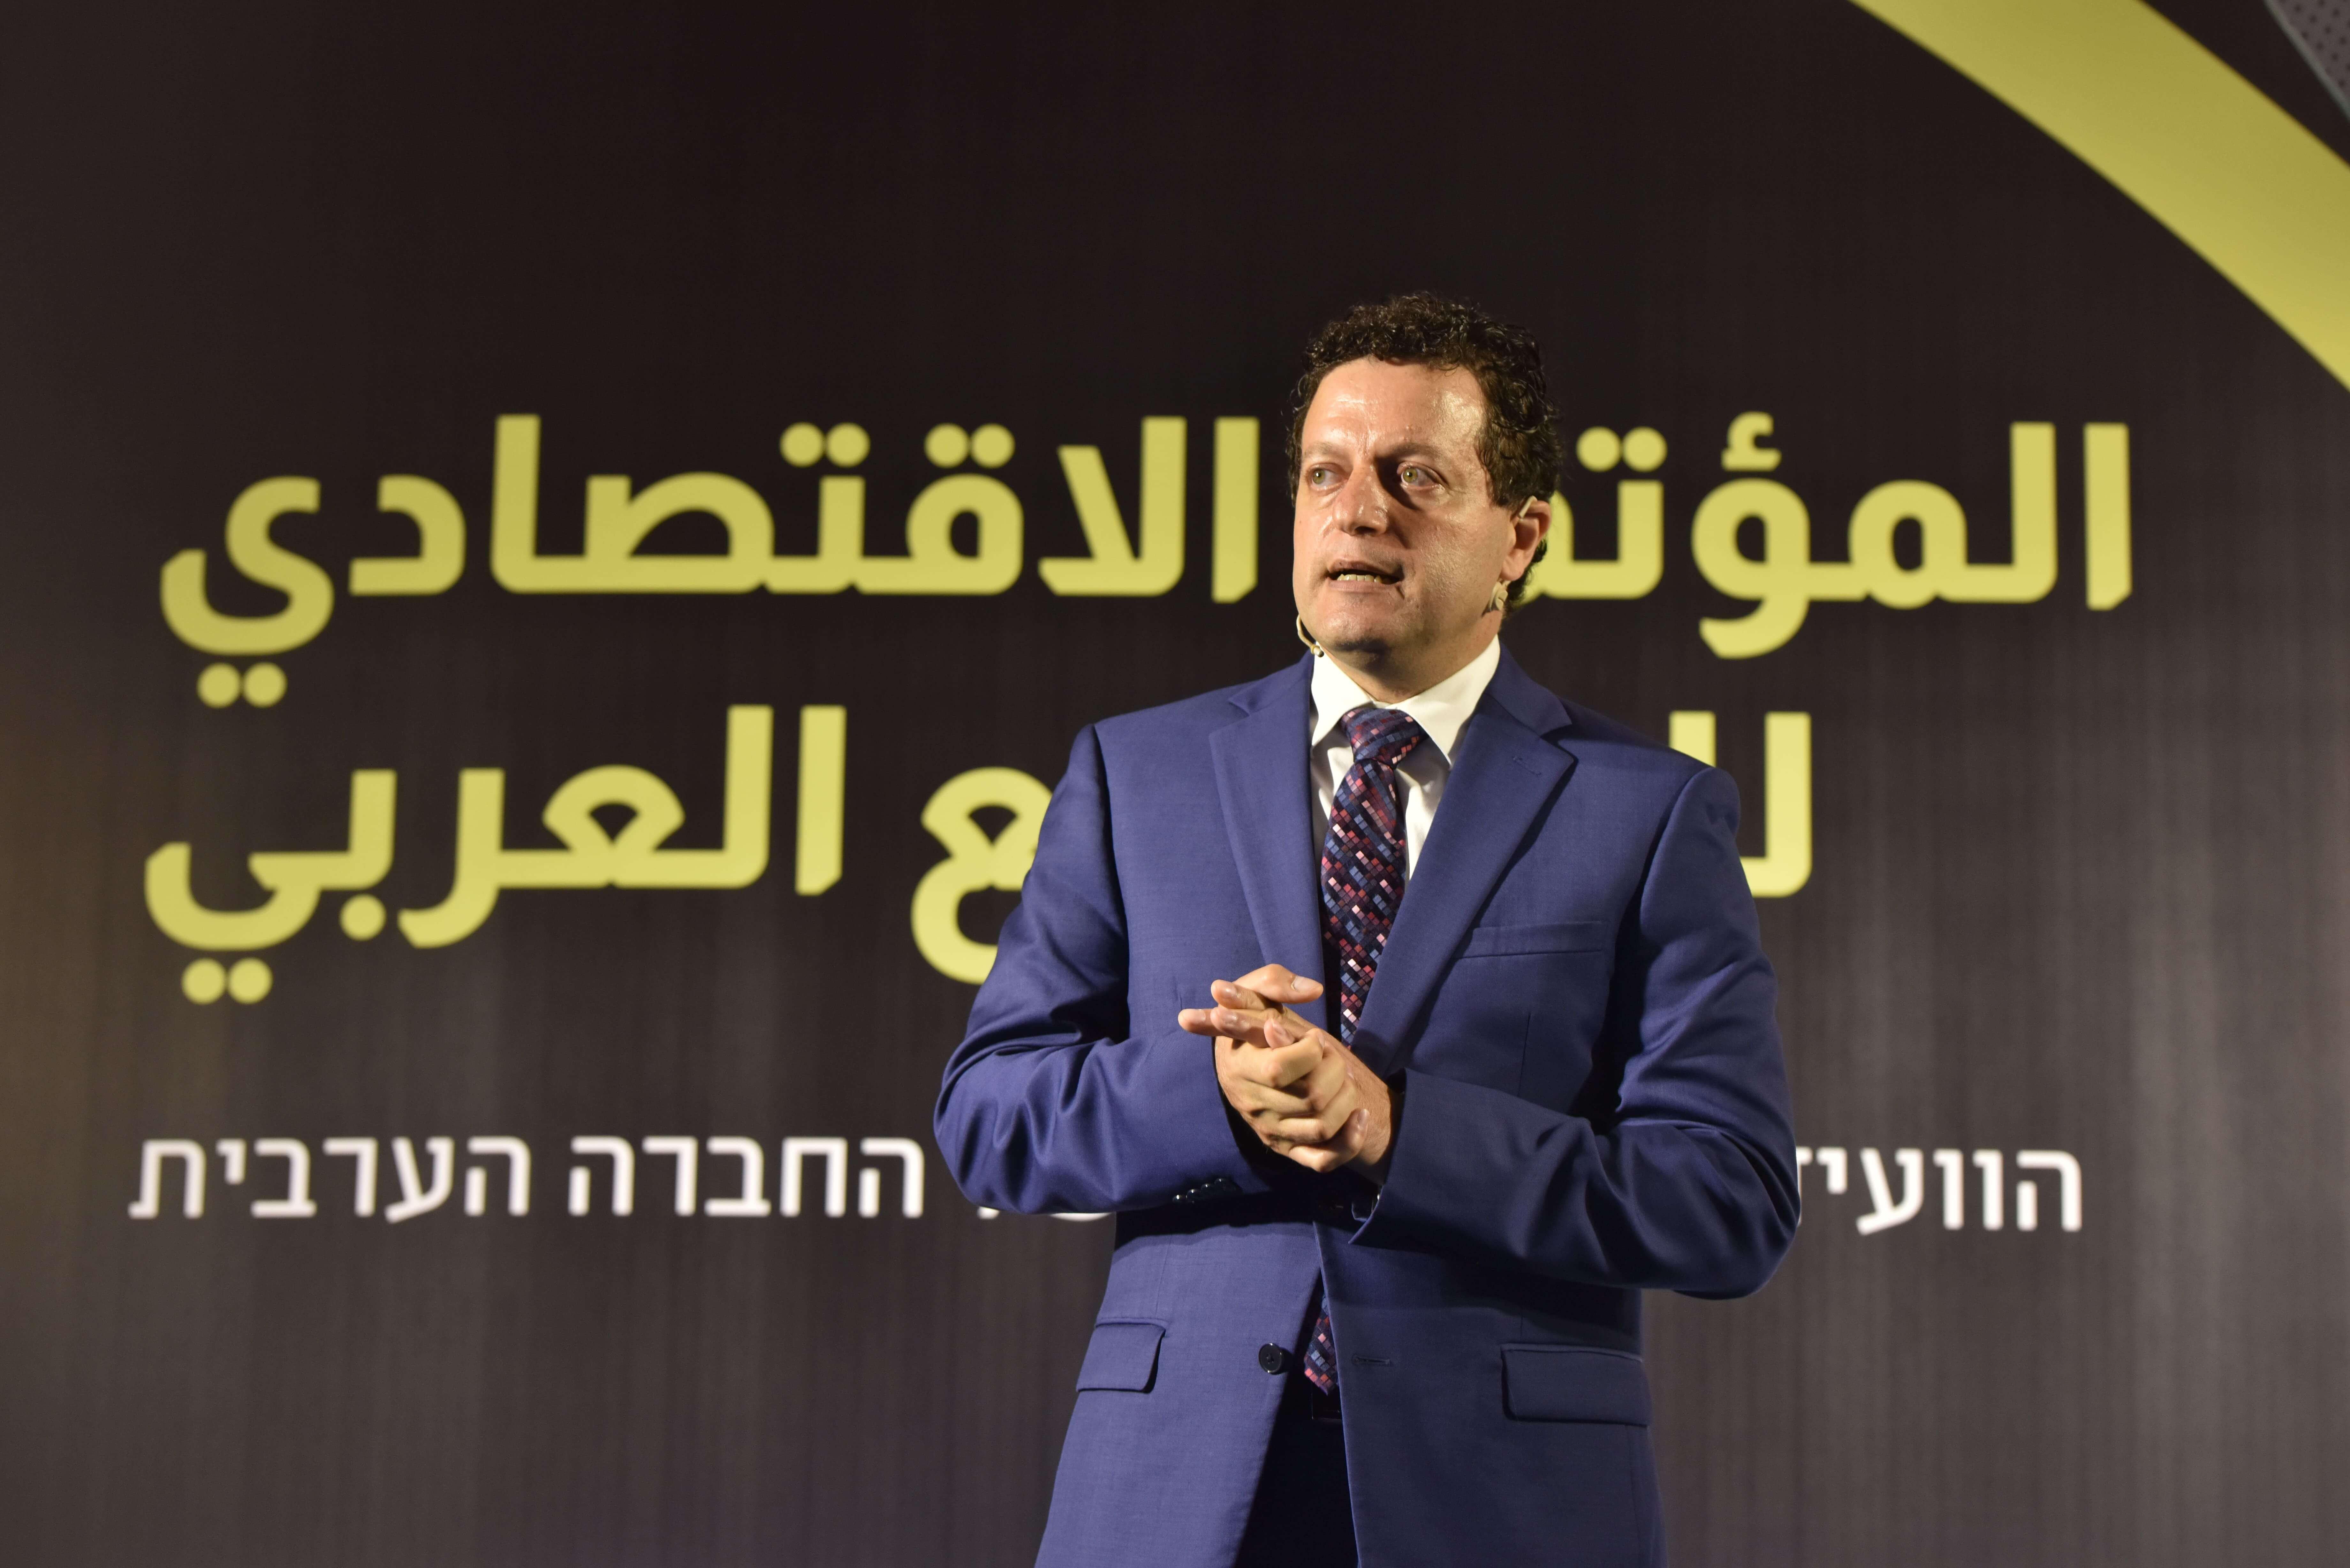 """نجاح كبير لـ """"المؤتمر الاقتصادي للمجتمع العربي """" لـ The Marker وبنك لئومي-5"""